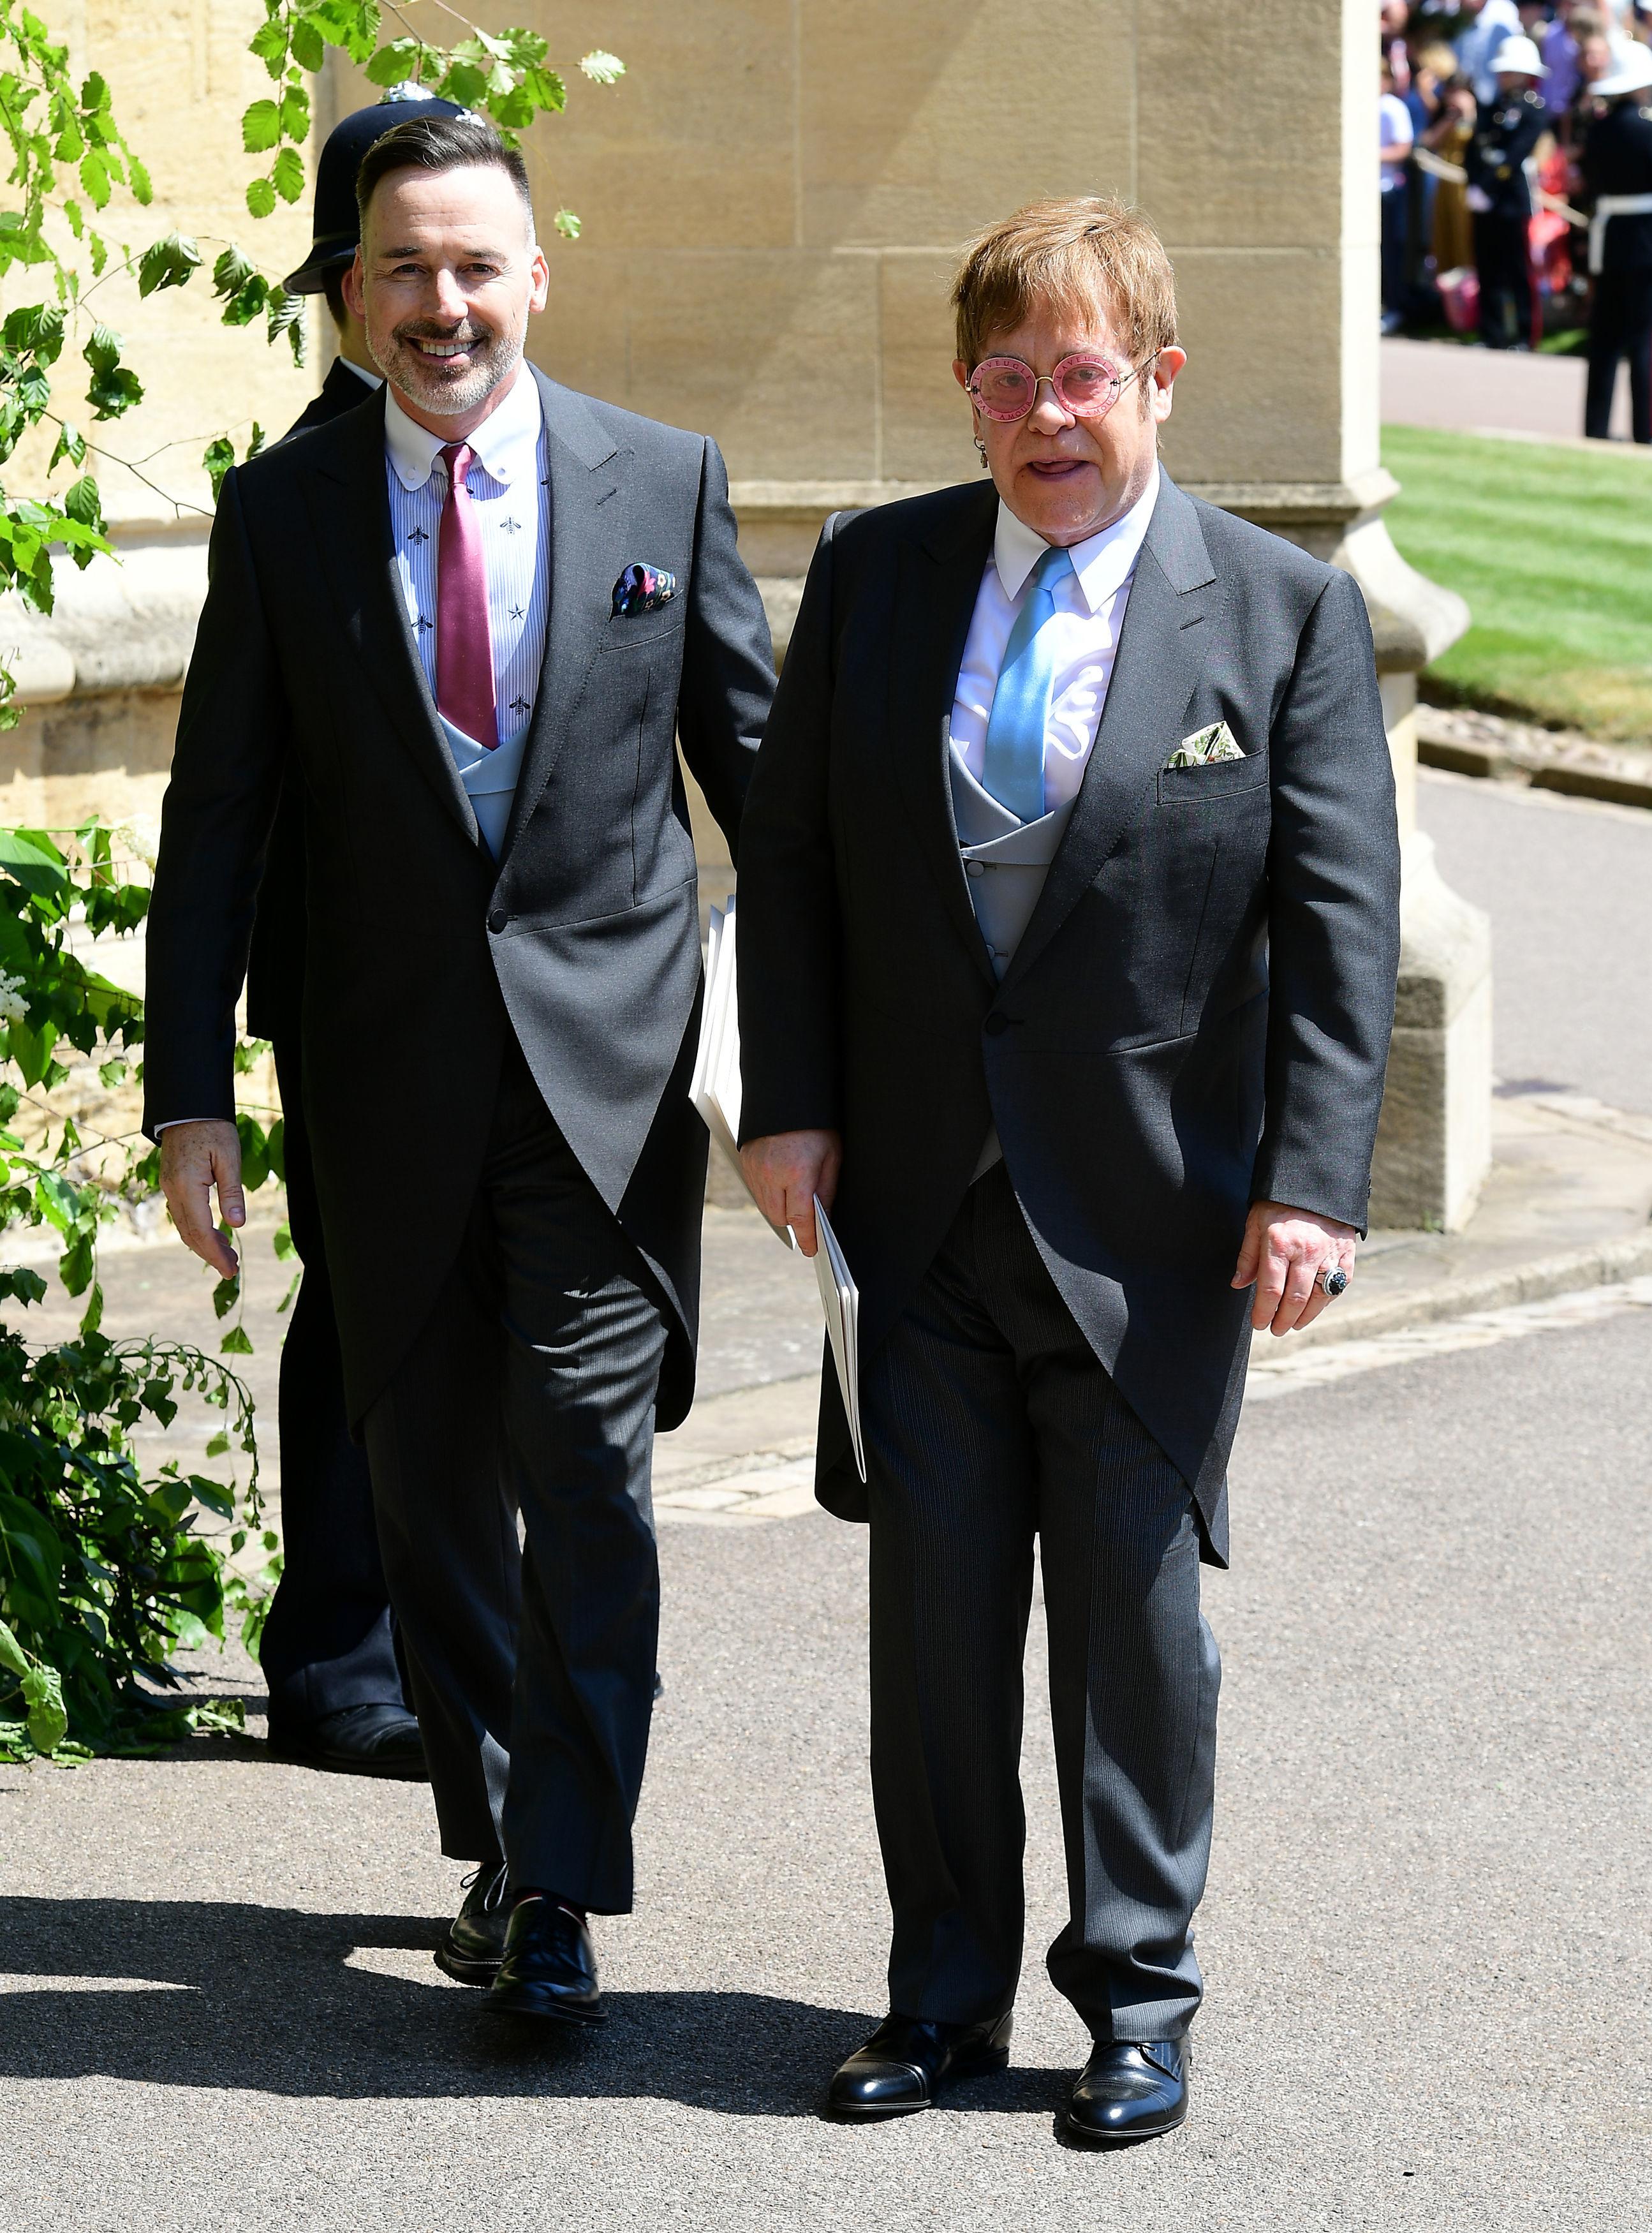 Elton John and David Furnish royal wedding 2018